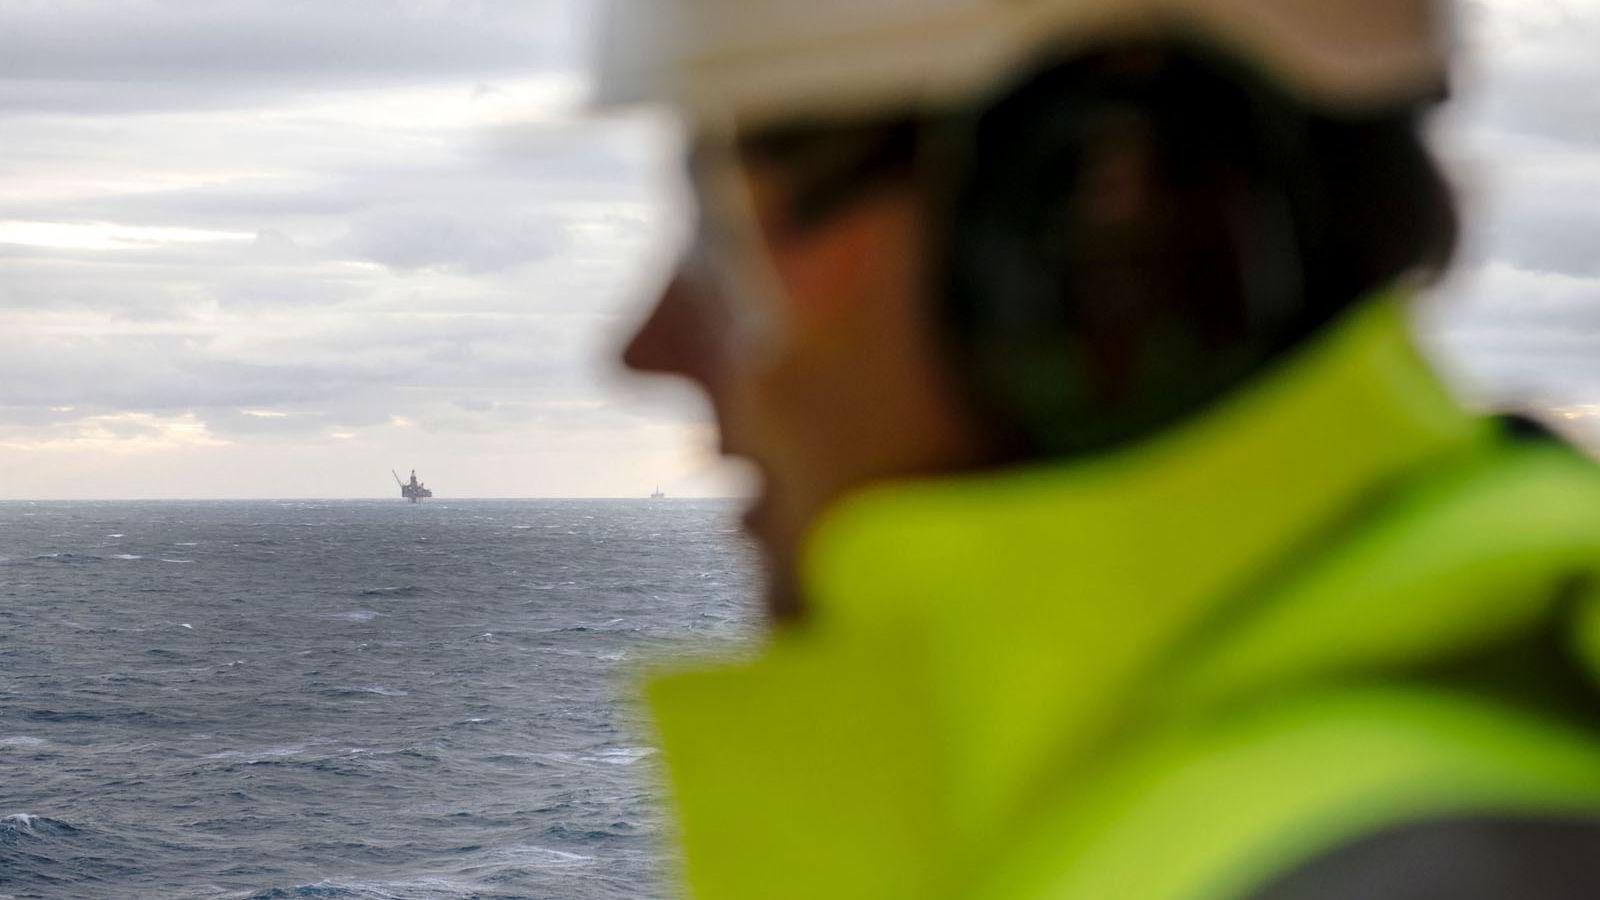 FLRE LEDIGE. Oljesmellen brer om seg. Onsdag varslet riggselskapet COSL at 229 må gå etter at Statoil kansellerte en kontrakt.